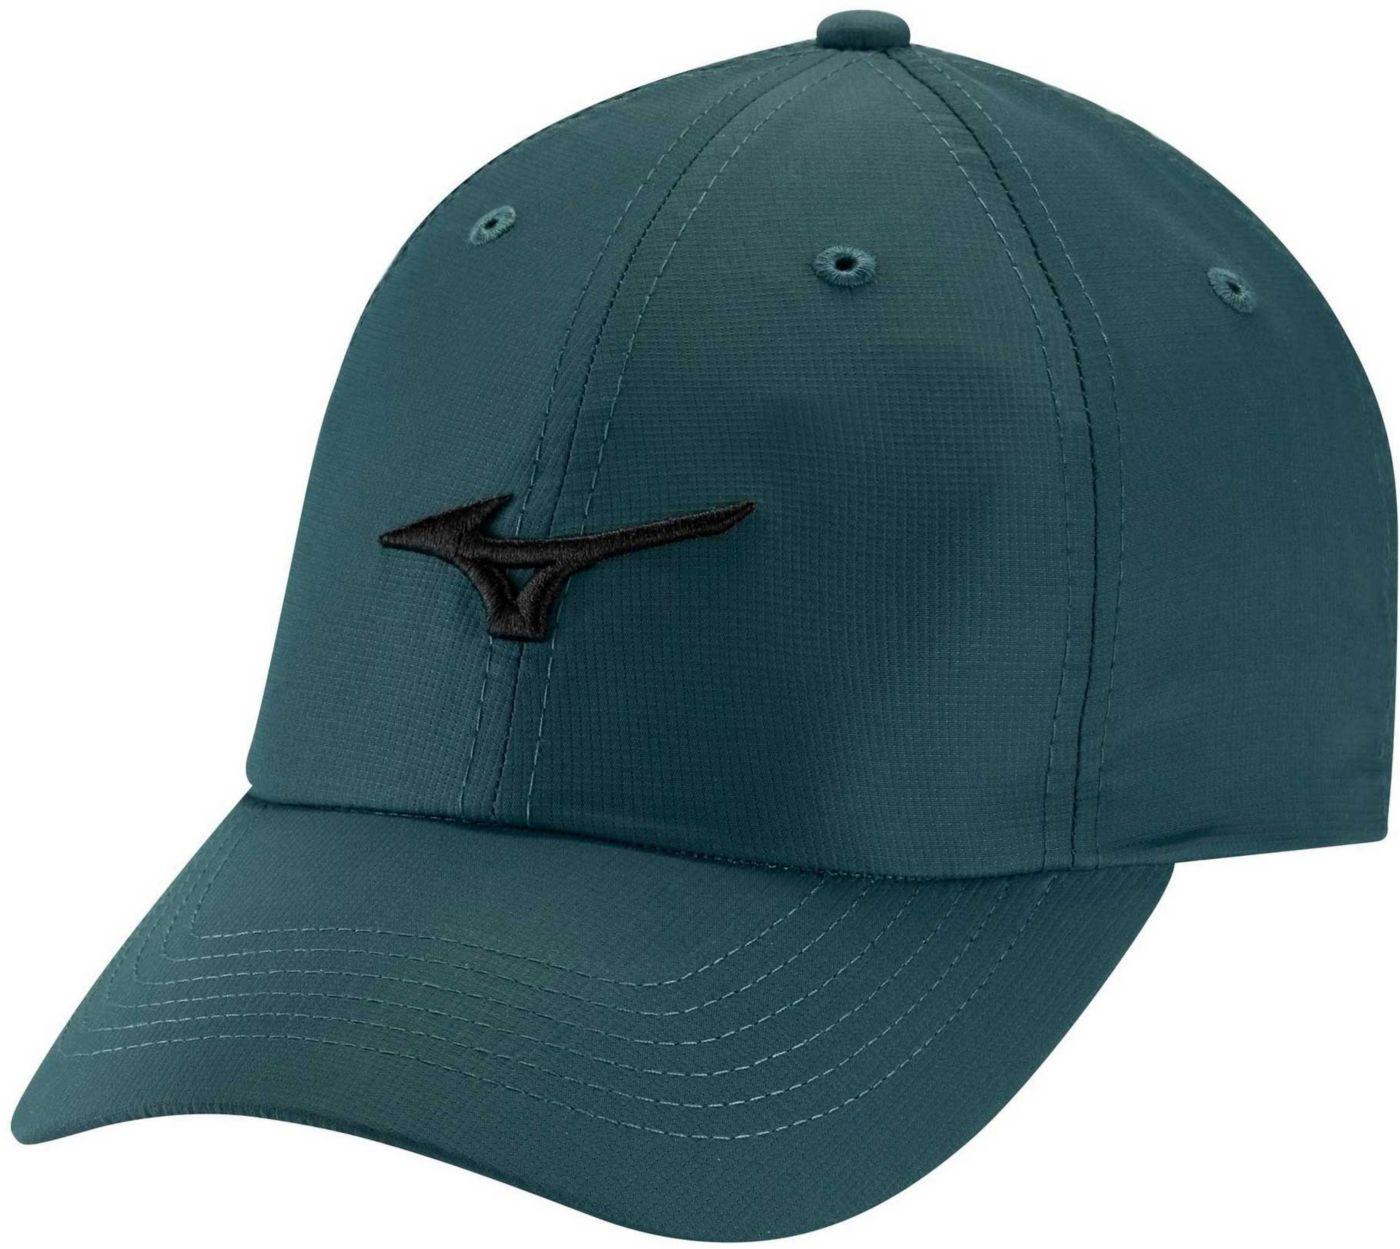 Mizuno Men's Tour Lightweight Golf Hat